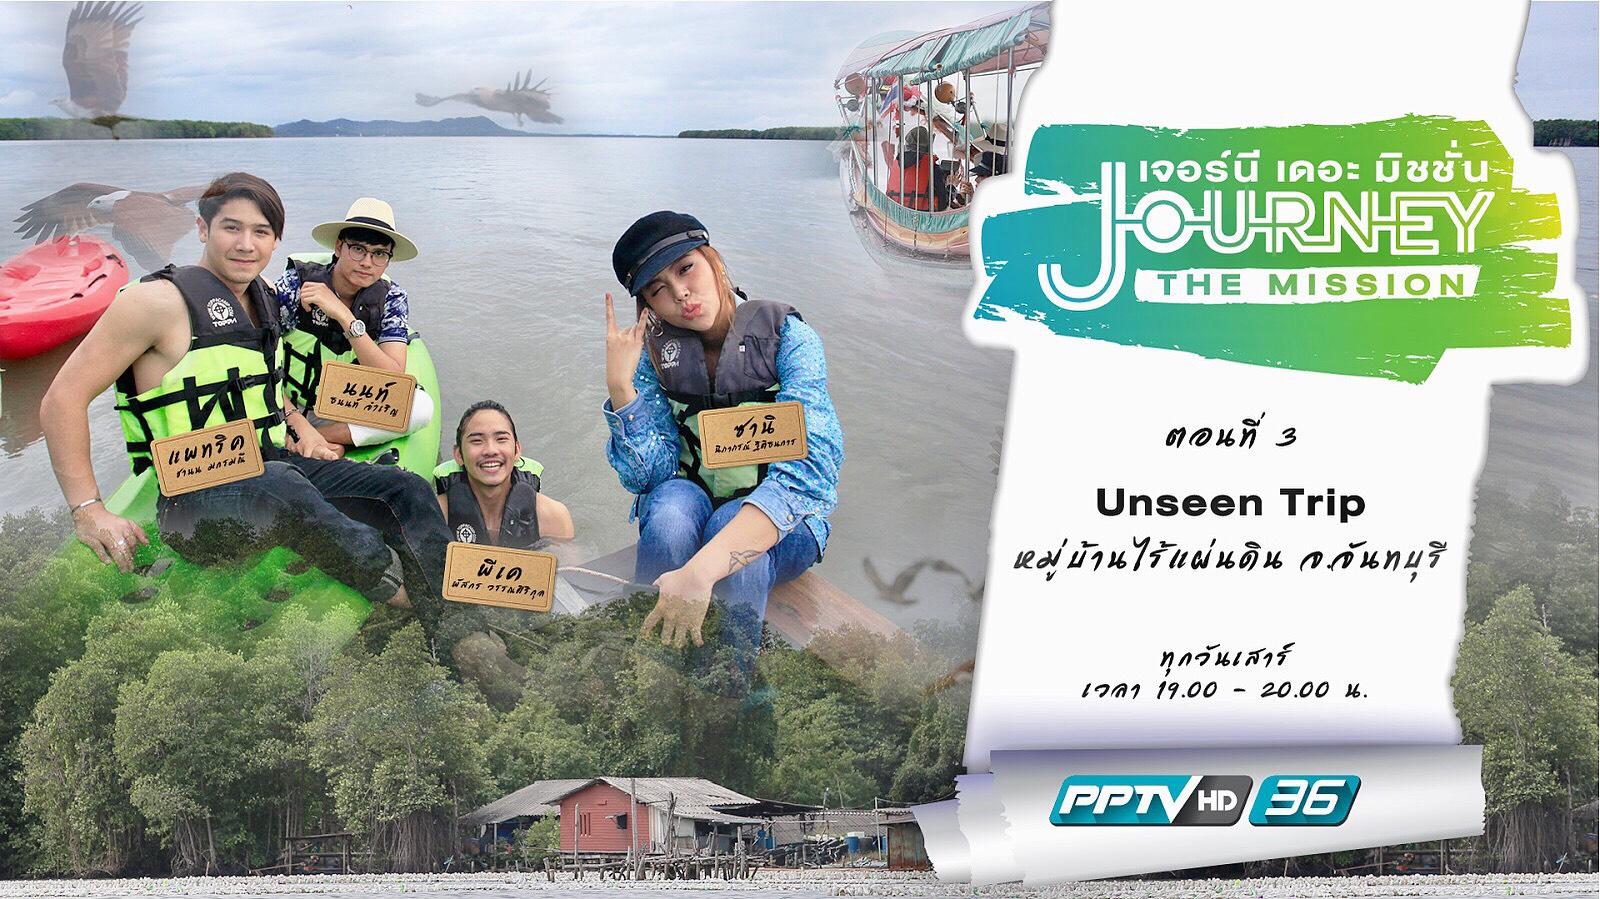 Unseen Trip หมู่บ้านไร้แผ่นดิน จ.จันทบุรี